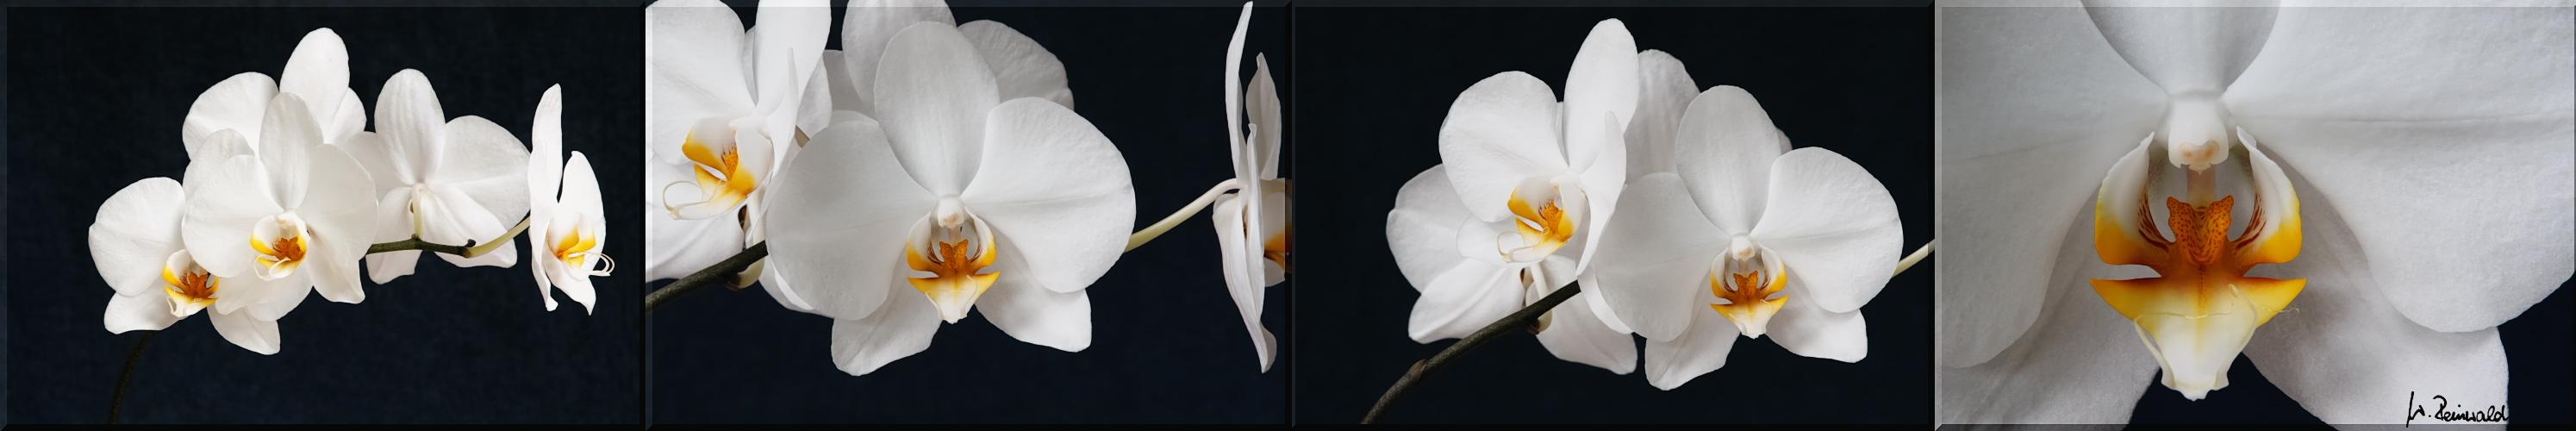 Orchideen-Schieber